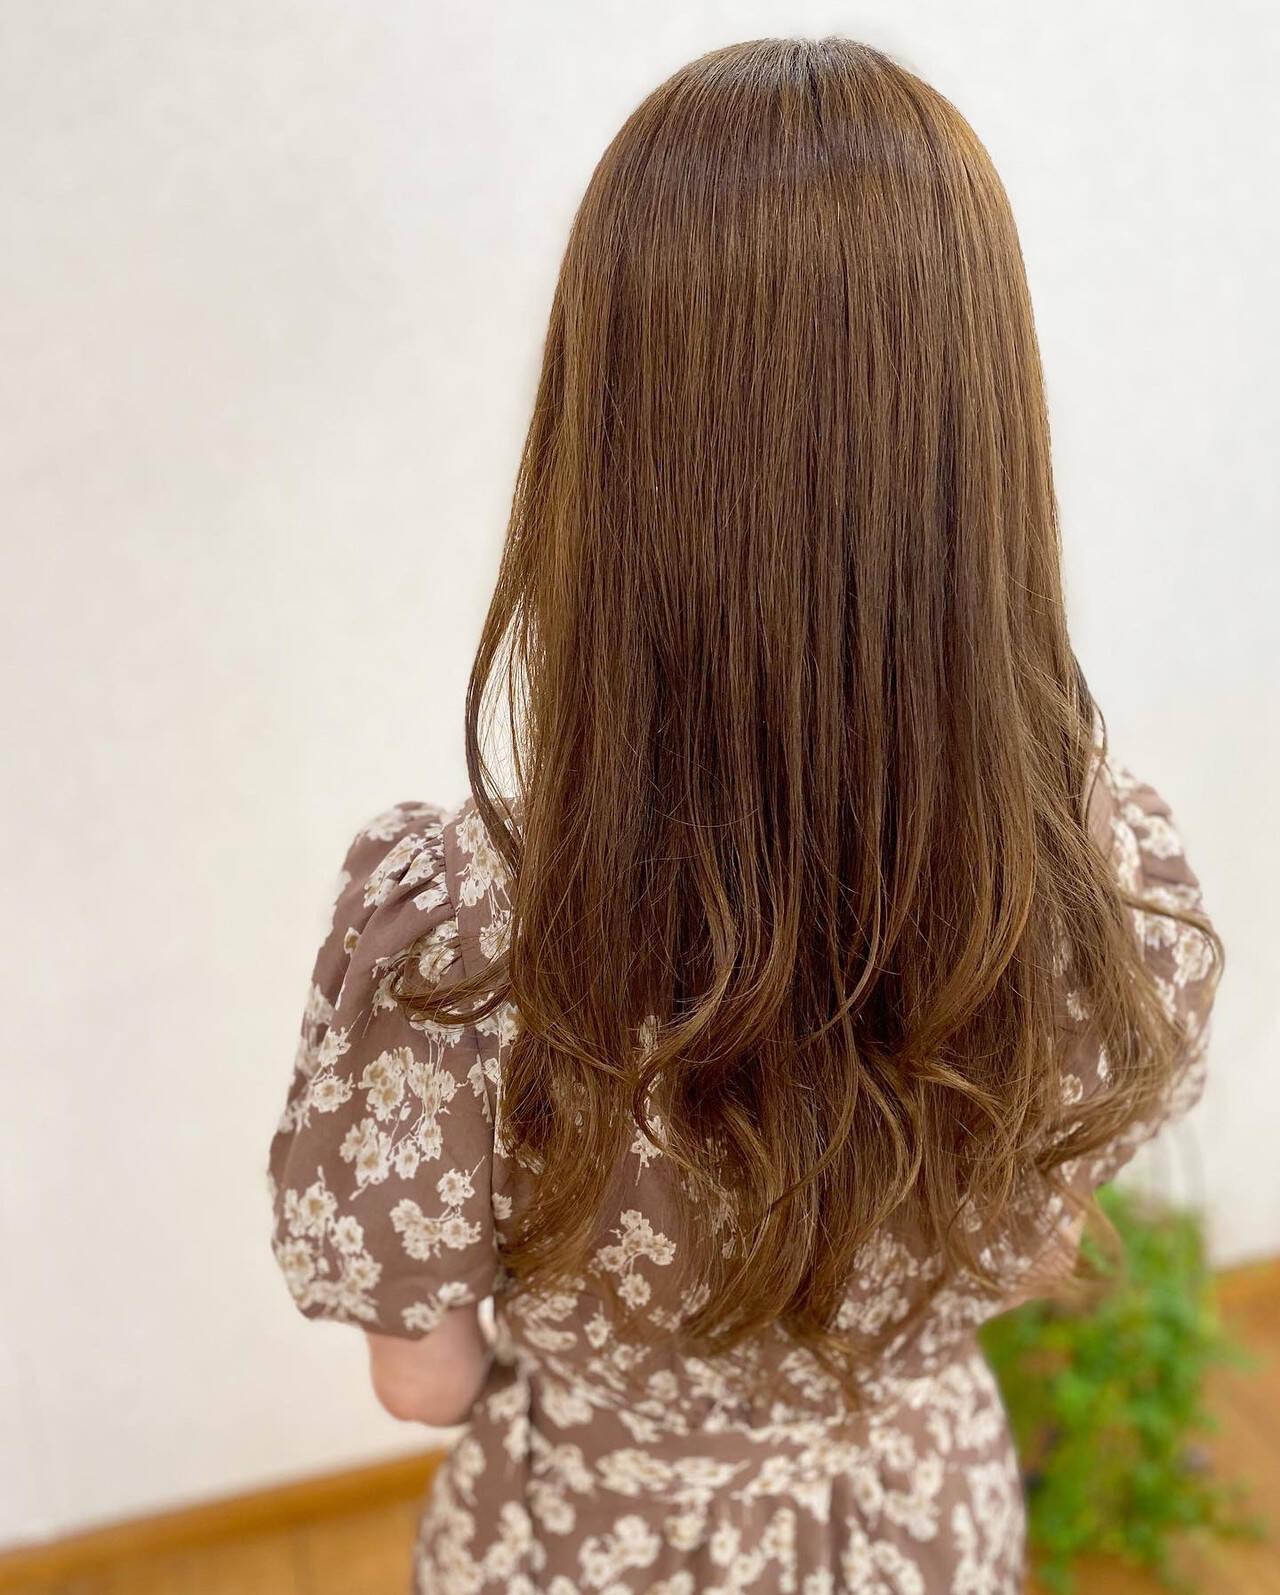 ベージュ ミルクティーベージュ 髪質改善カラー シアーベージュヘアスタイルや髪型の写真・画像